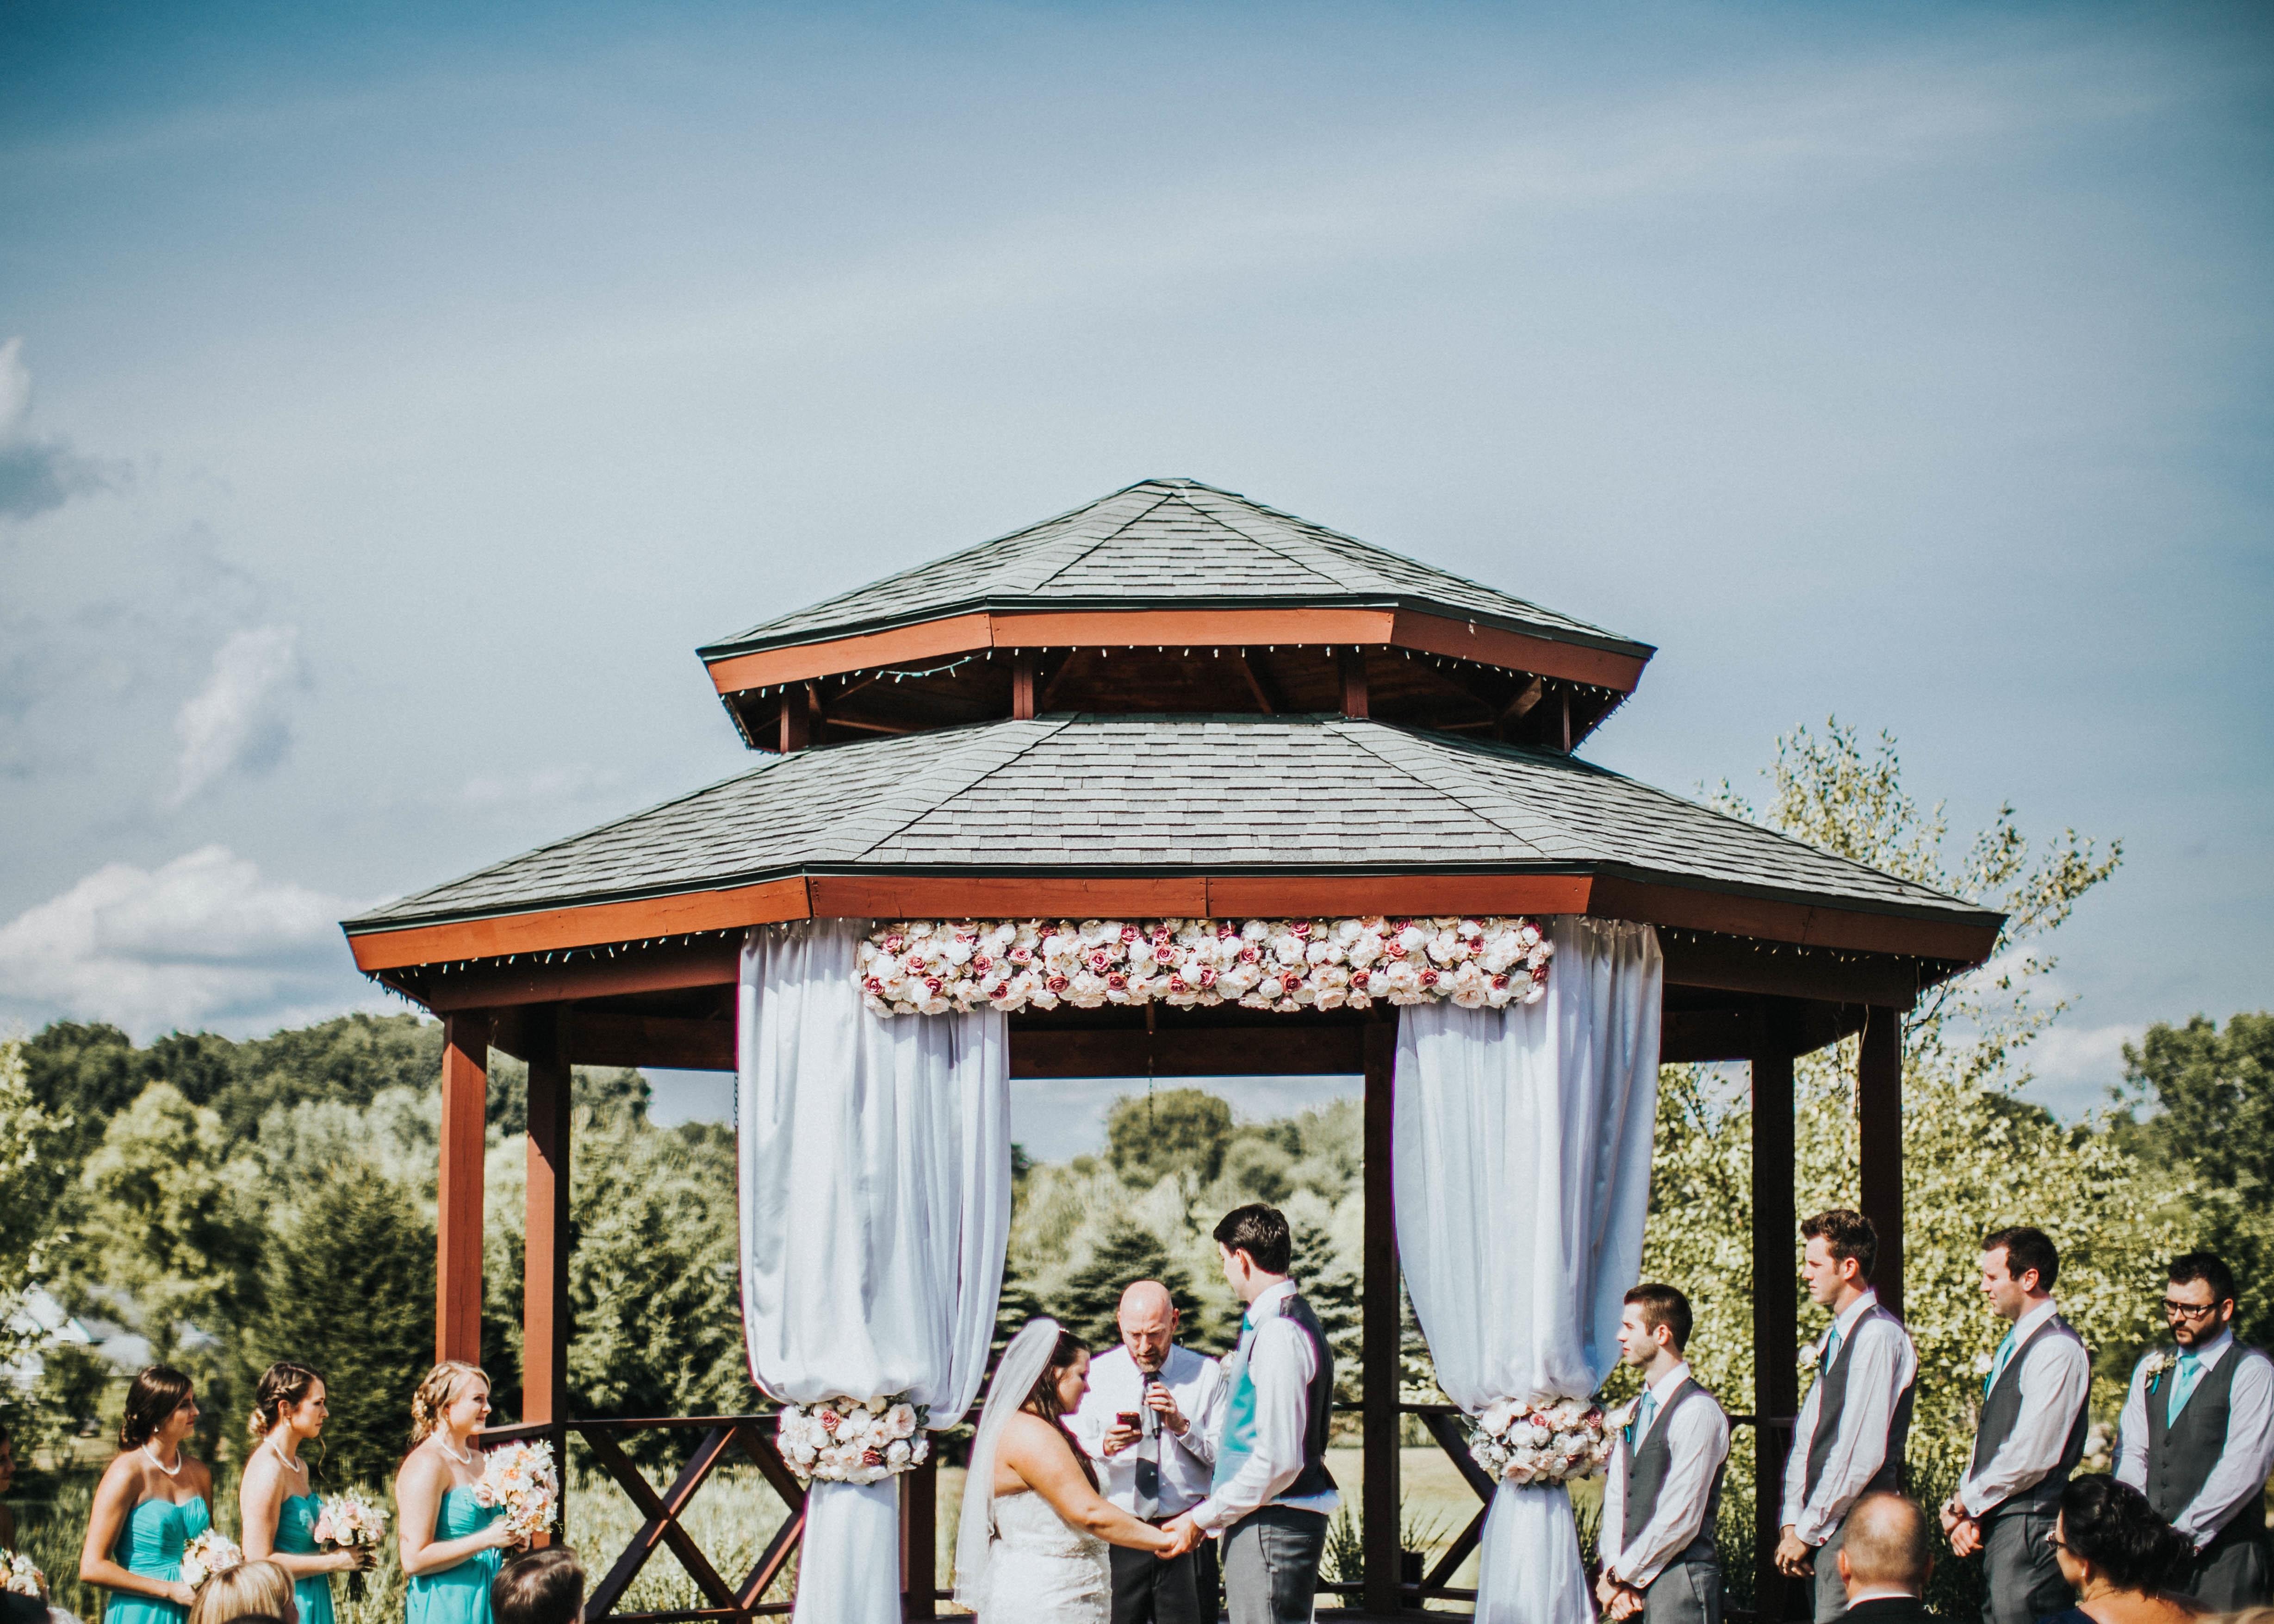 The Silo A Unique And Elegant Barn Venue Weddings Corporate